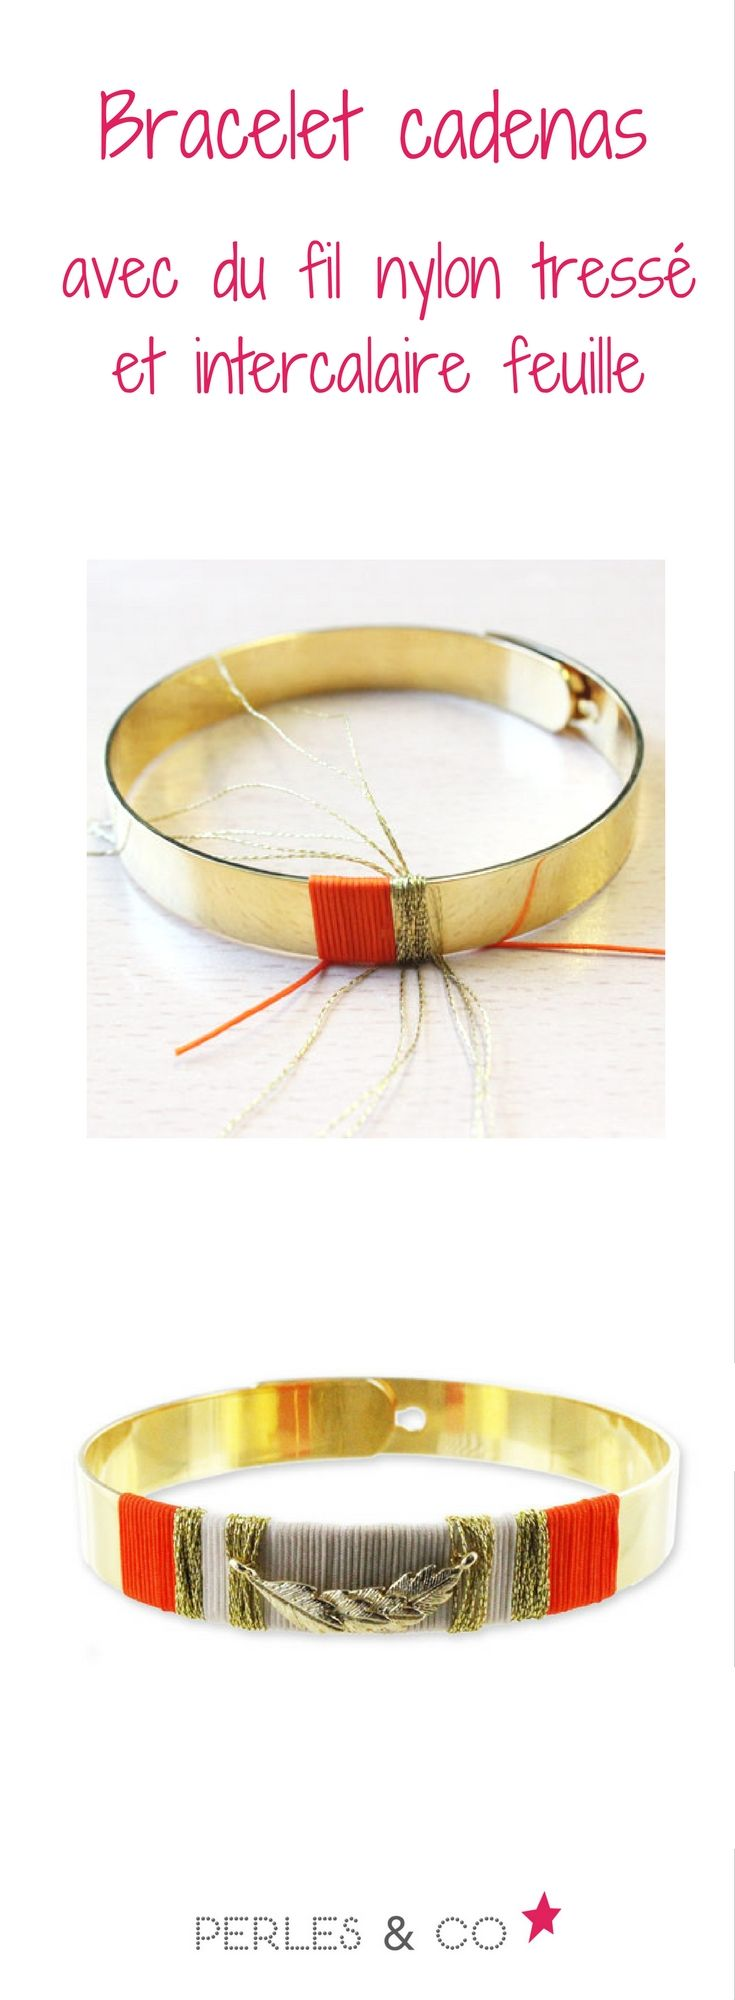 Retrouvez le tutoriel de ce bracelet cadenas ornementé de fil de nylon tressé et d'une intercalaire en forme de feuille >> https://www.perlesandco.com/Bracelet_cadenas_plumes_feuilles_fil_nylon_tresse-s-2303-4.html